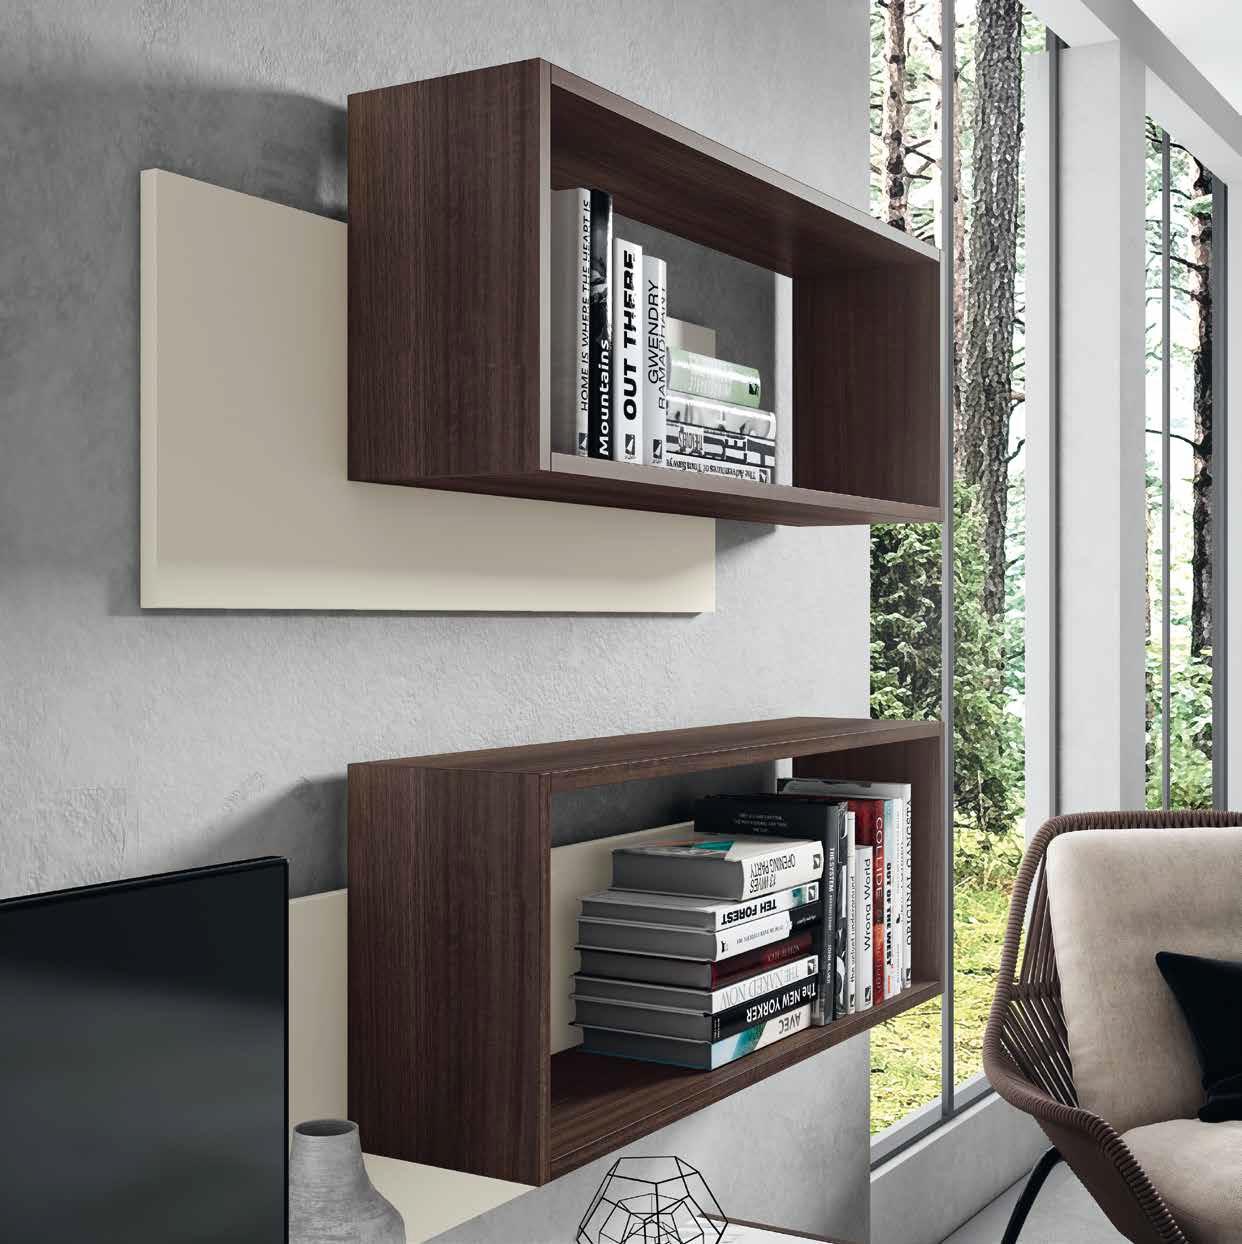 salon-moderno-Nativ-2019-muebles-paco-caballero-0920-5c8cea9a69ffc